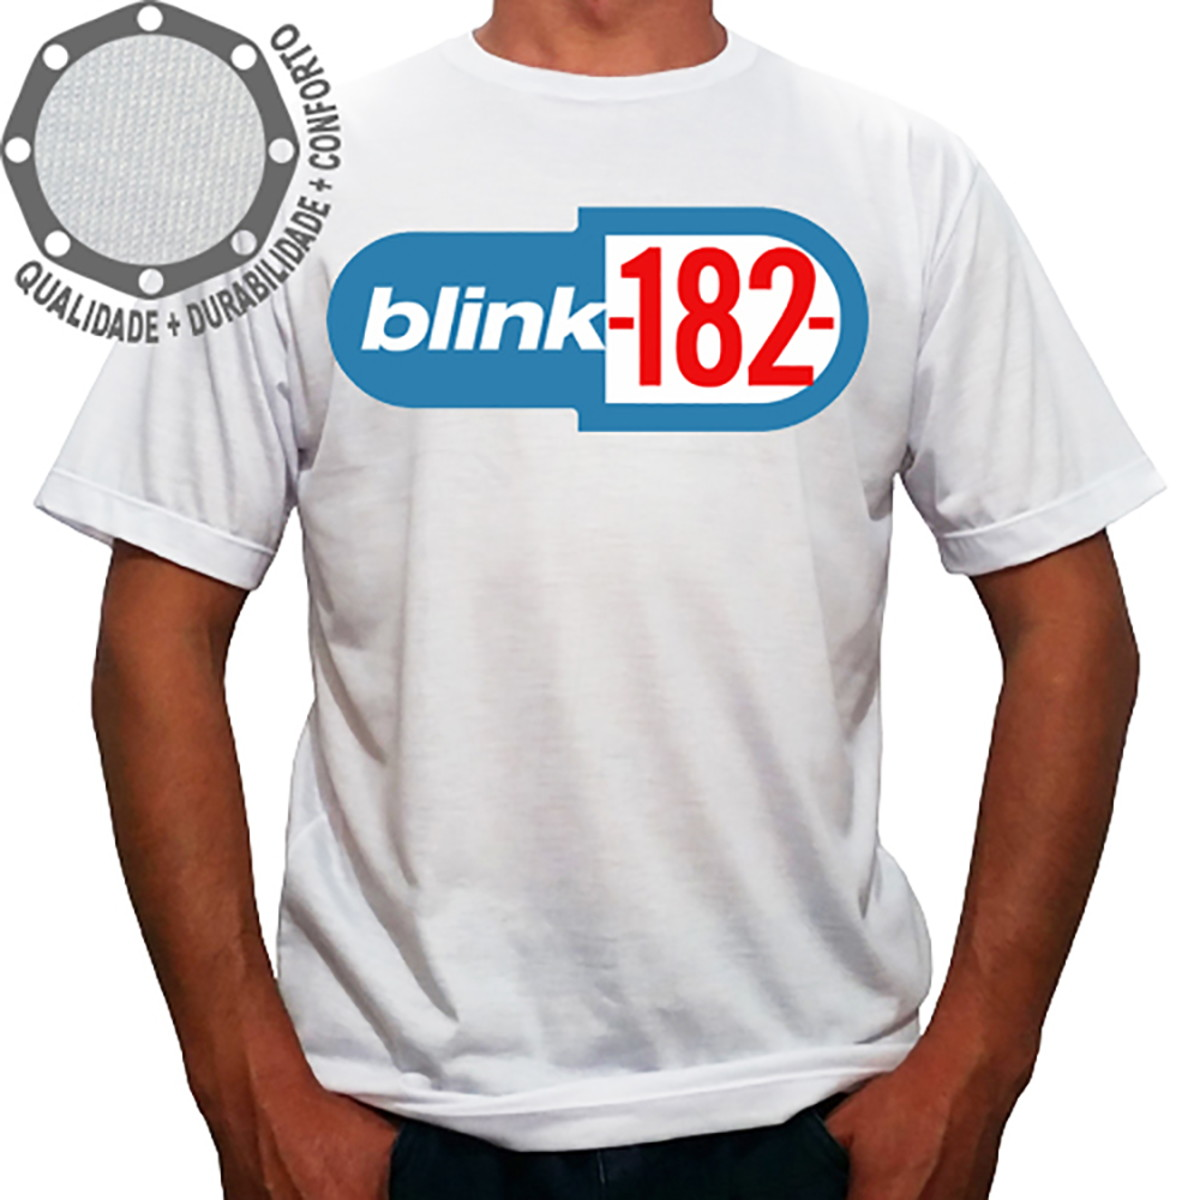 Camiseta Blink-182 Logo Azul no Elo7  5460b1ce4a61c